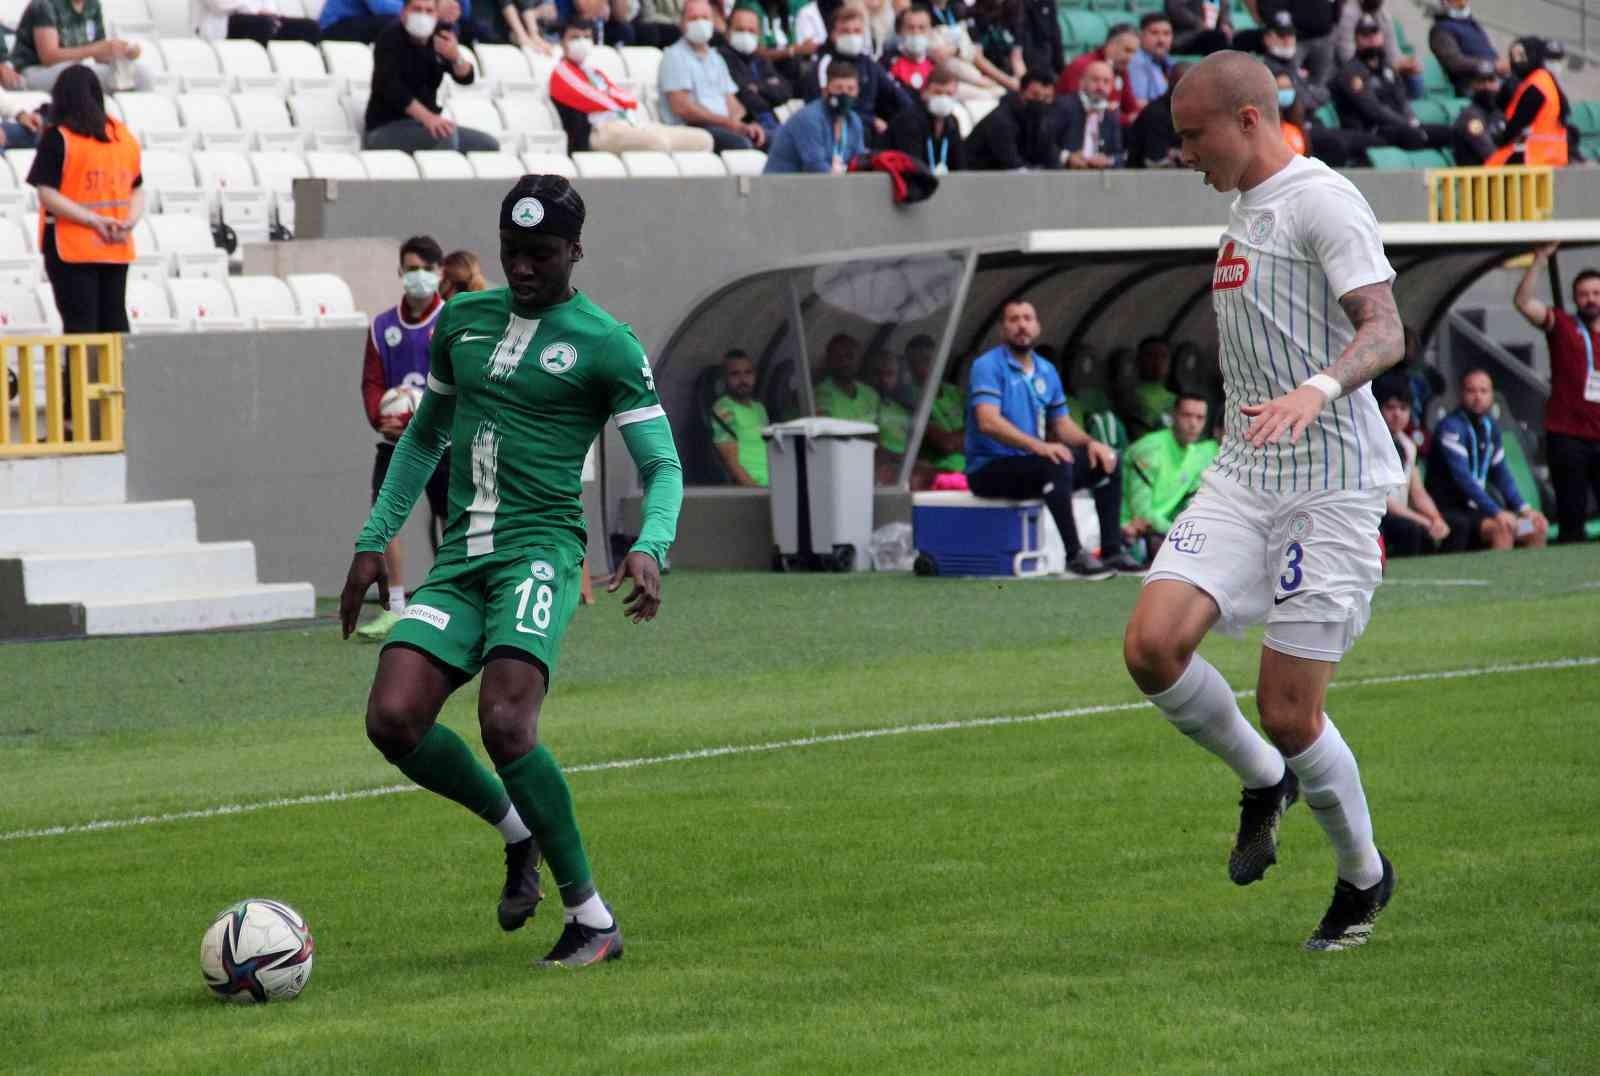 Süper Lig: GZT Giresunspor: 2 – Çaykur Rizespor: 0 (Maç sonucu)